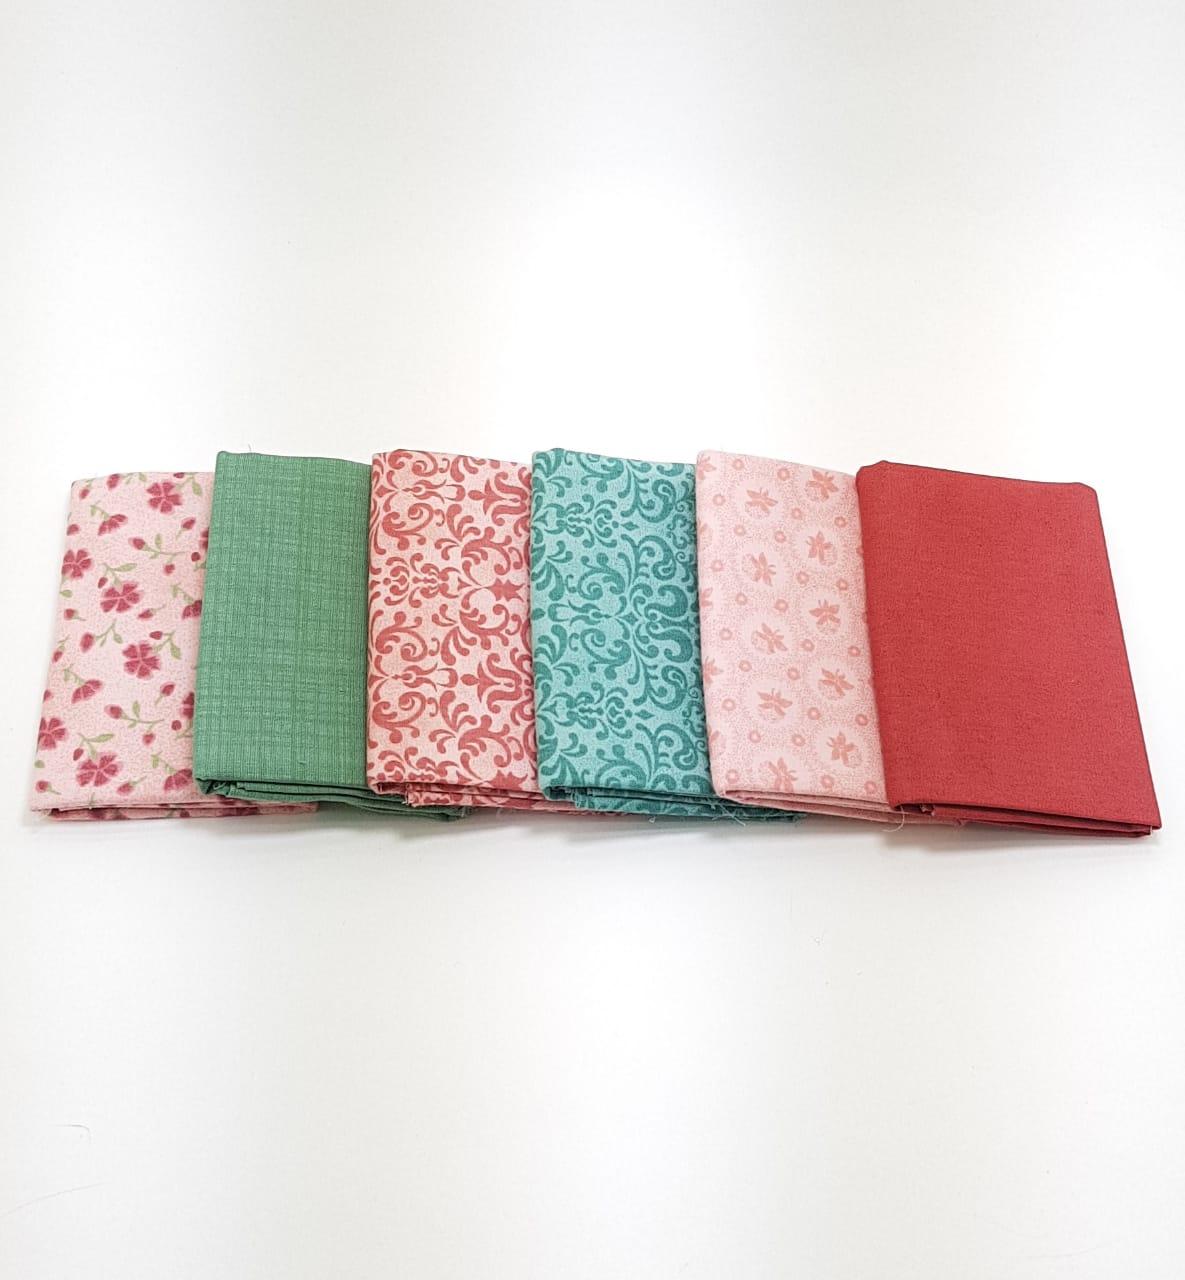 kit flores miúdas / 6 estampas - 0,25cm x 0,75cm (cód: 905)